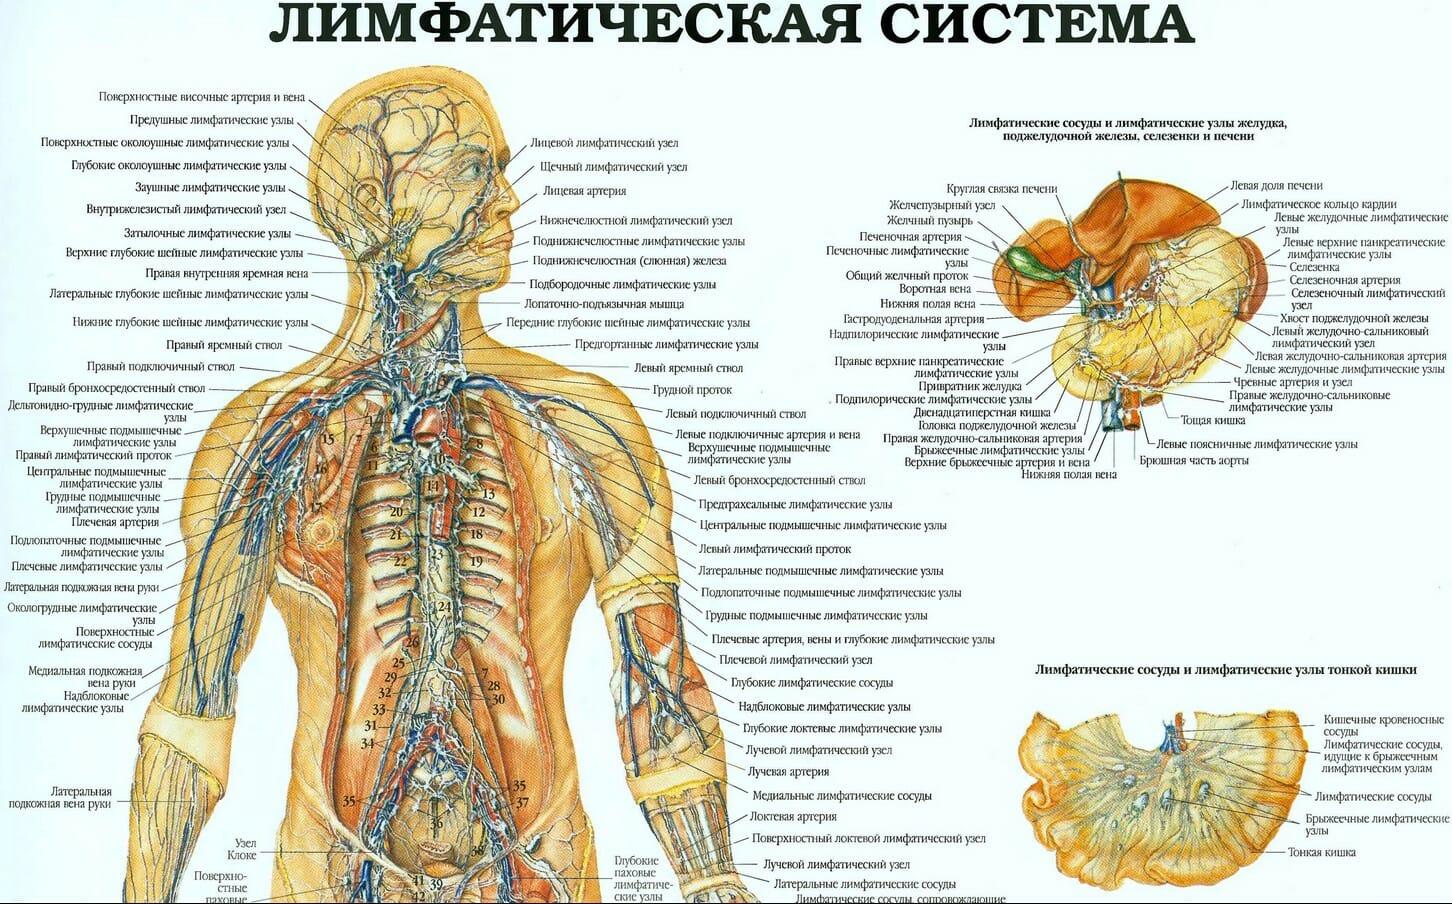 Лимфатическая система человека часть 1 плакат